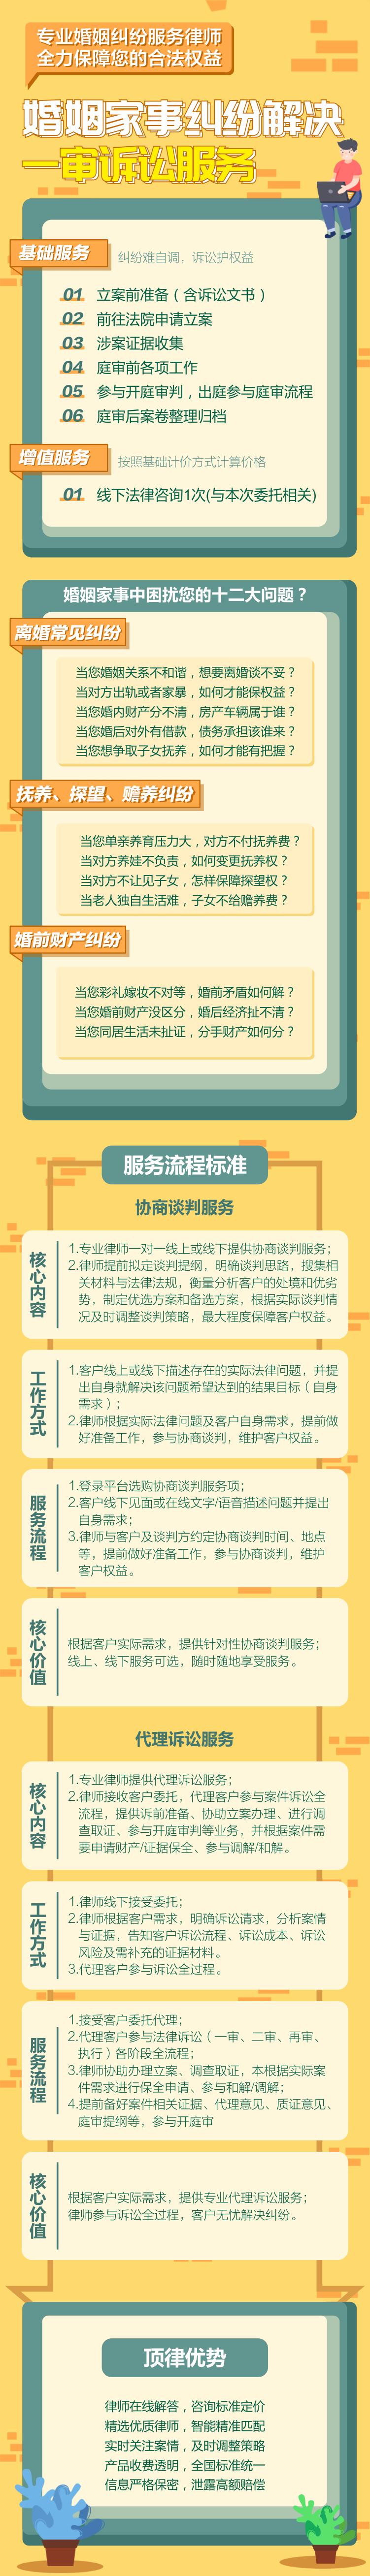 婚姻纠纷一审诉讼.png